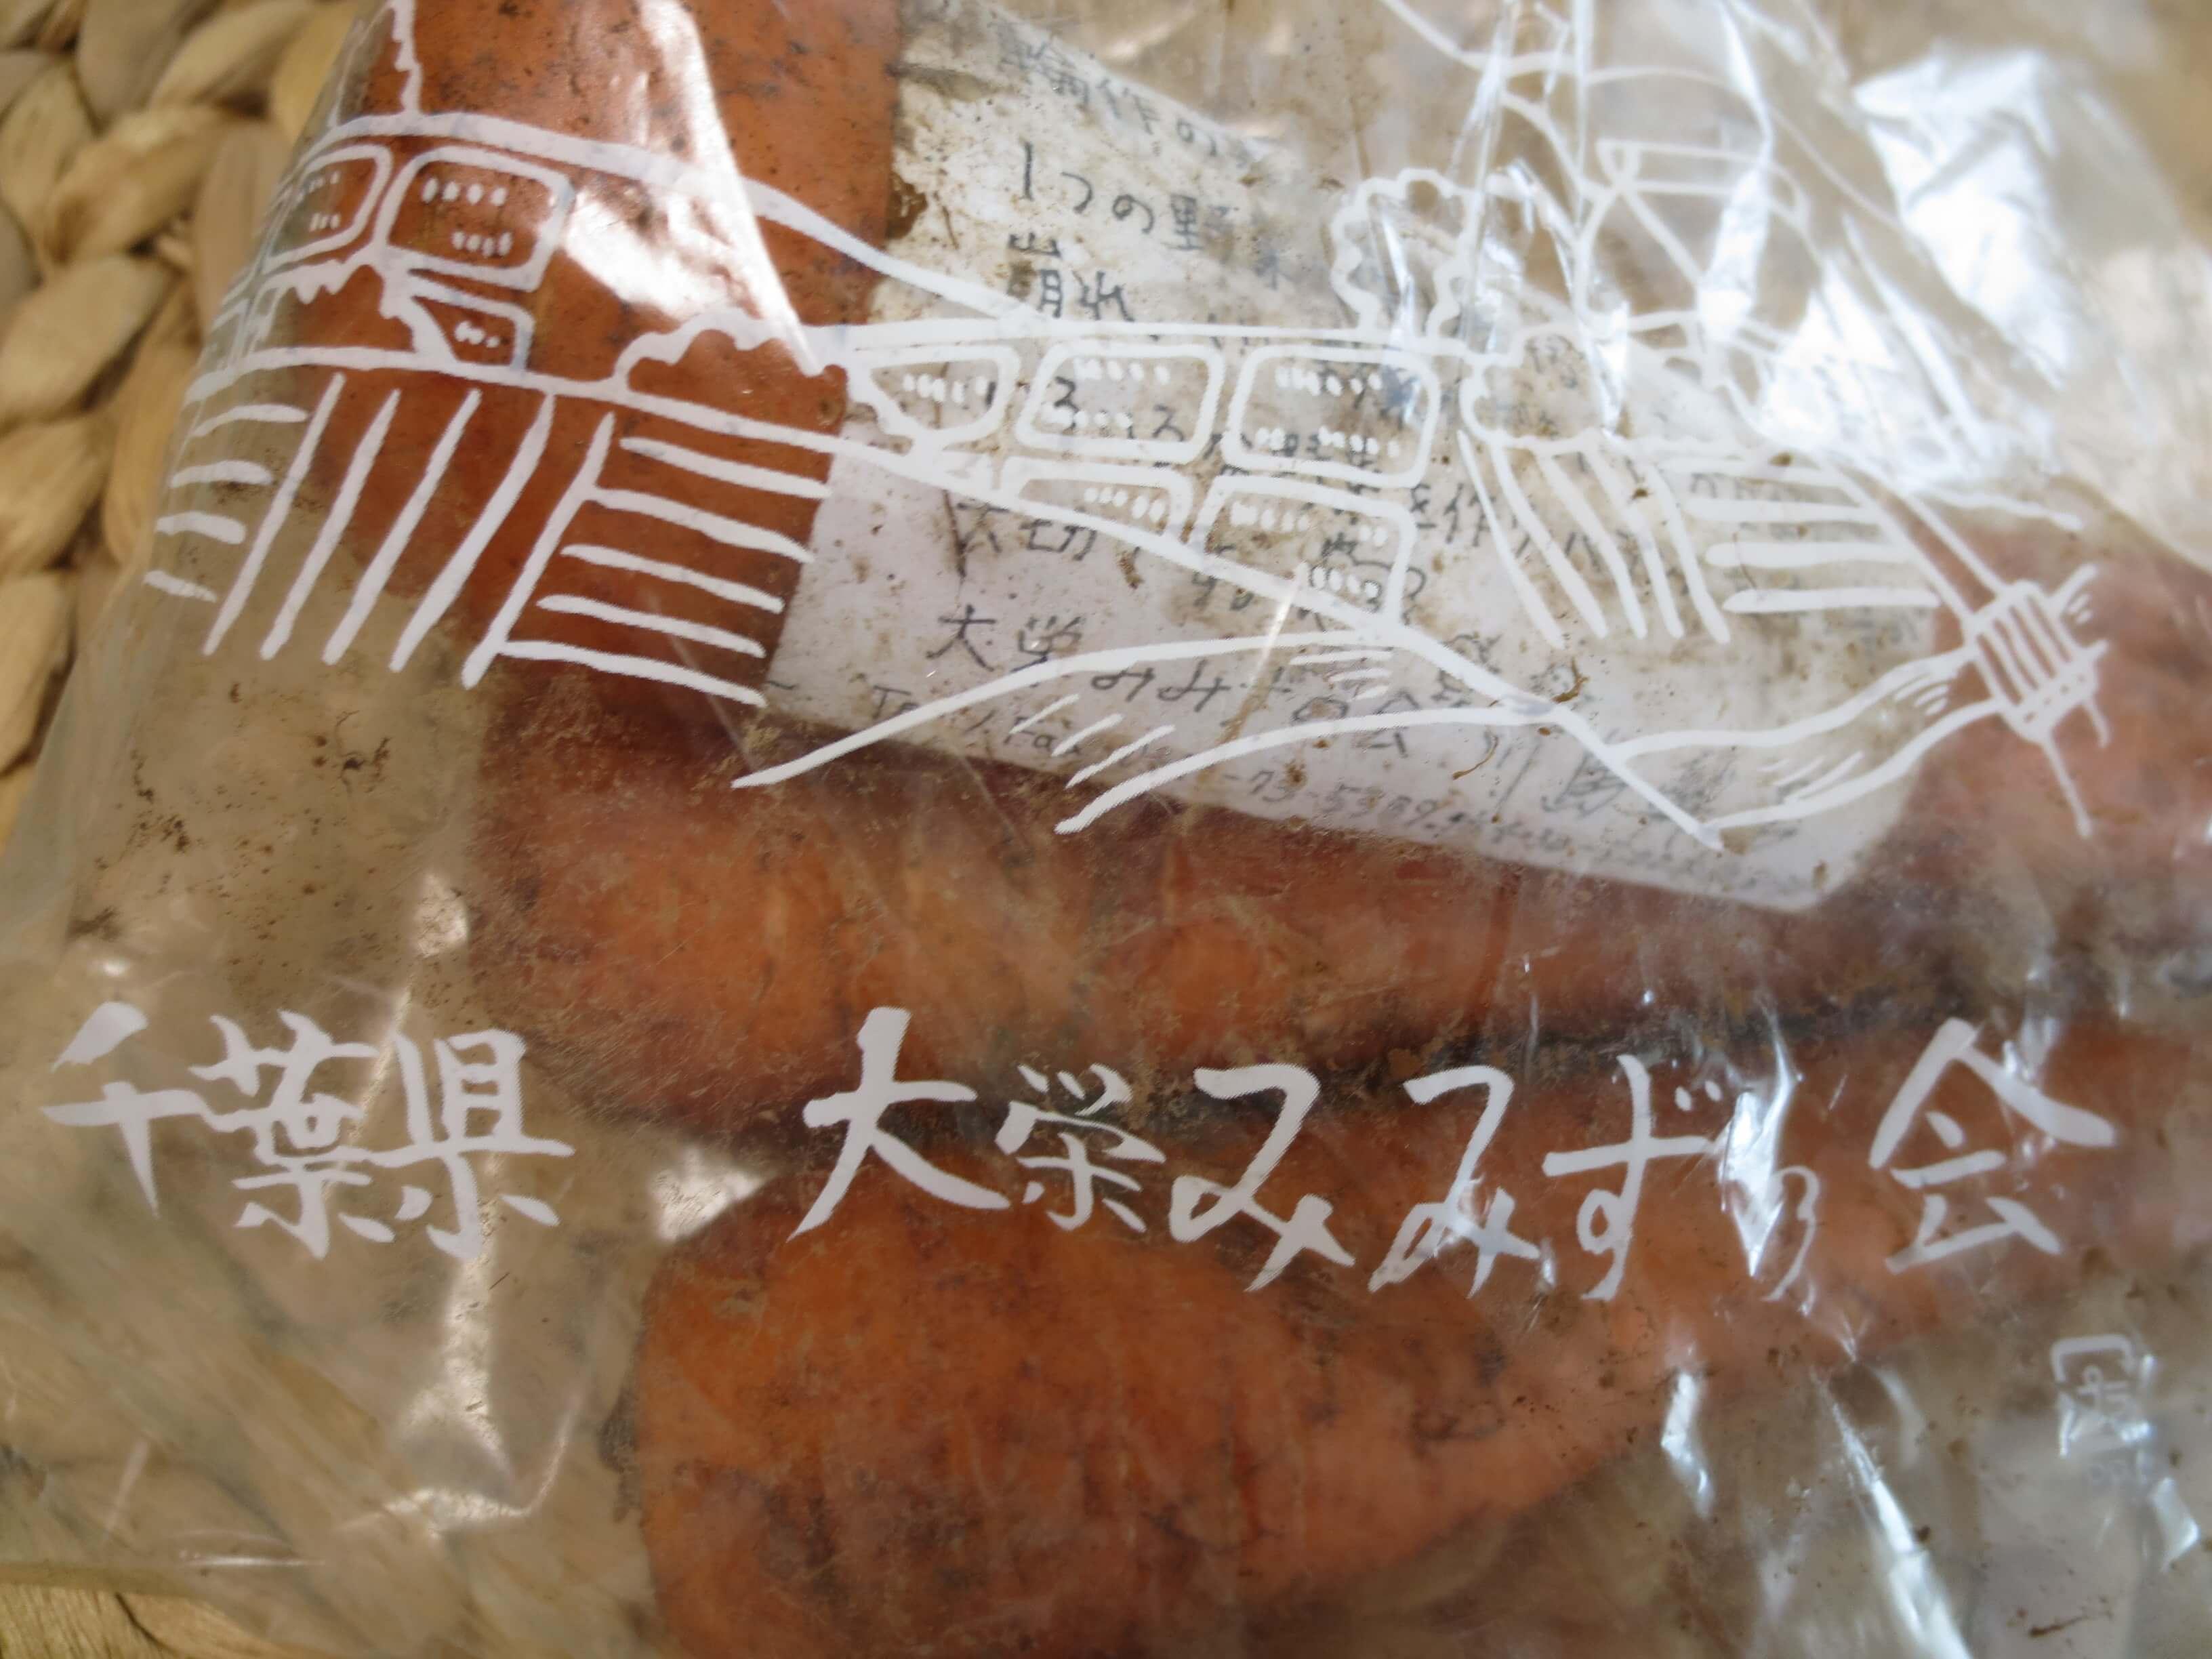 無農薬野菜のミレーお試しセット口コミ12